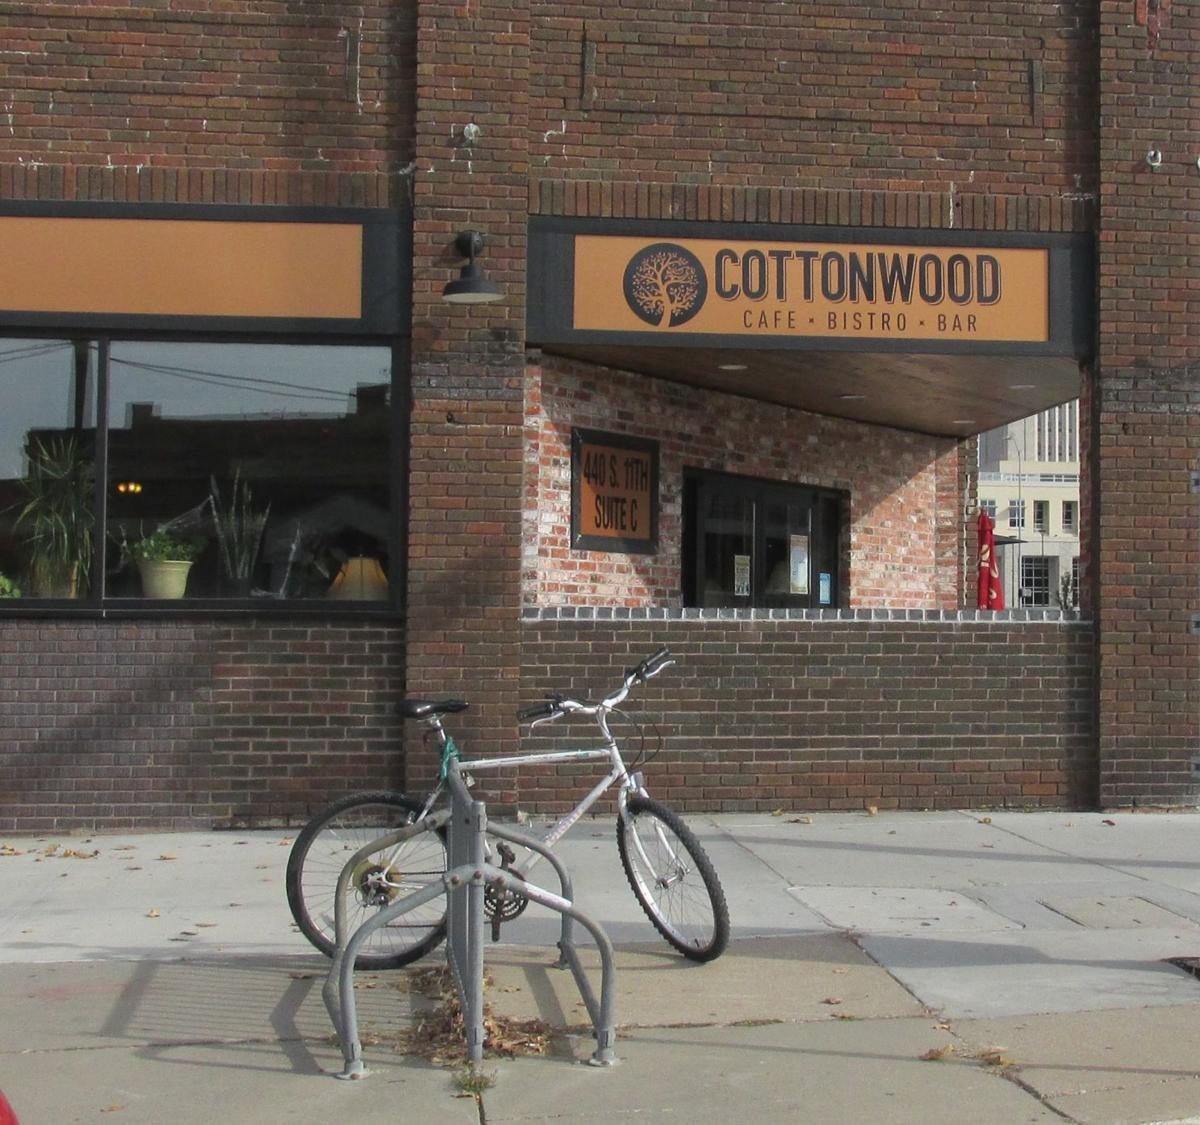 Cottonwood storefront